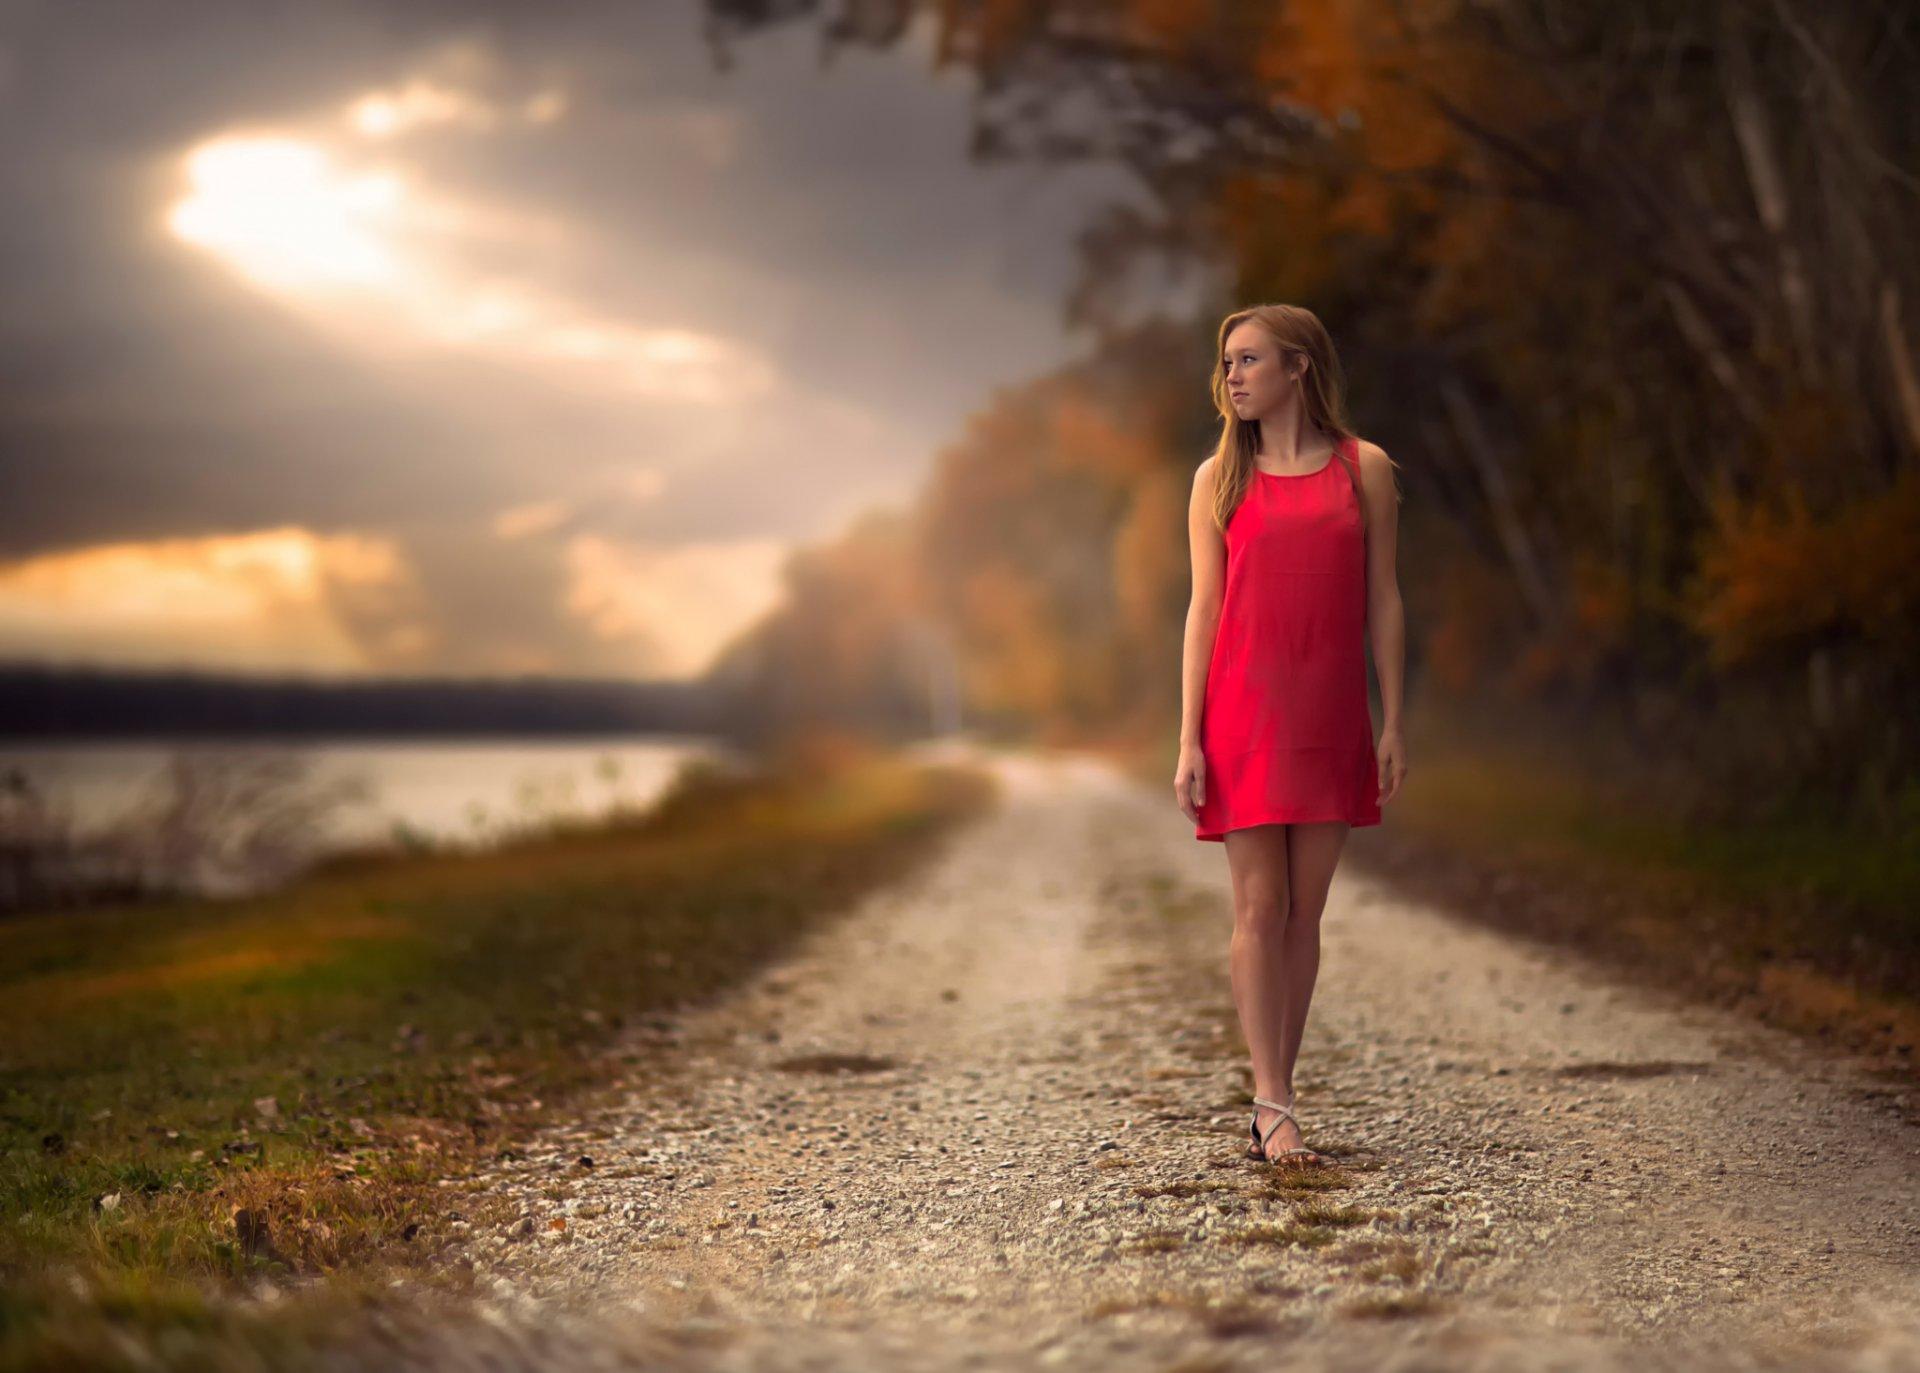 картинки девушка красивая блондинка уходит по дороге сучка